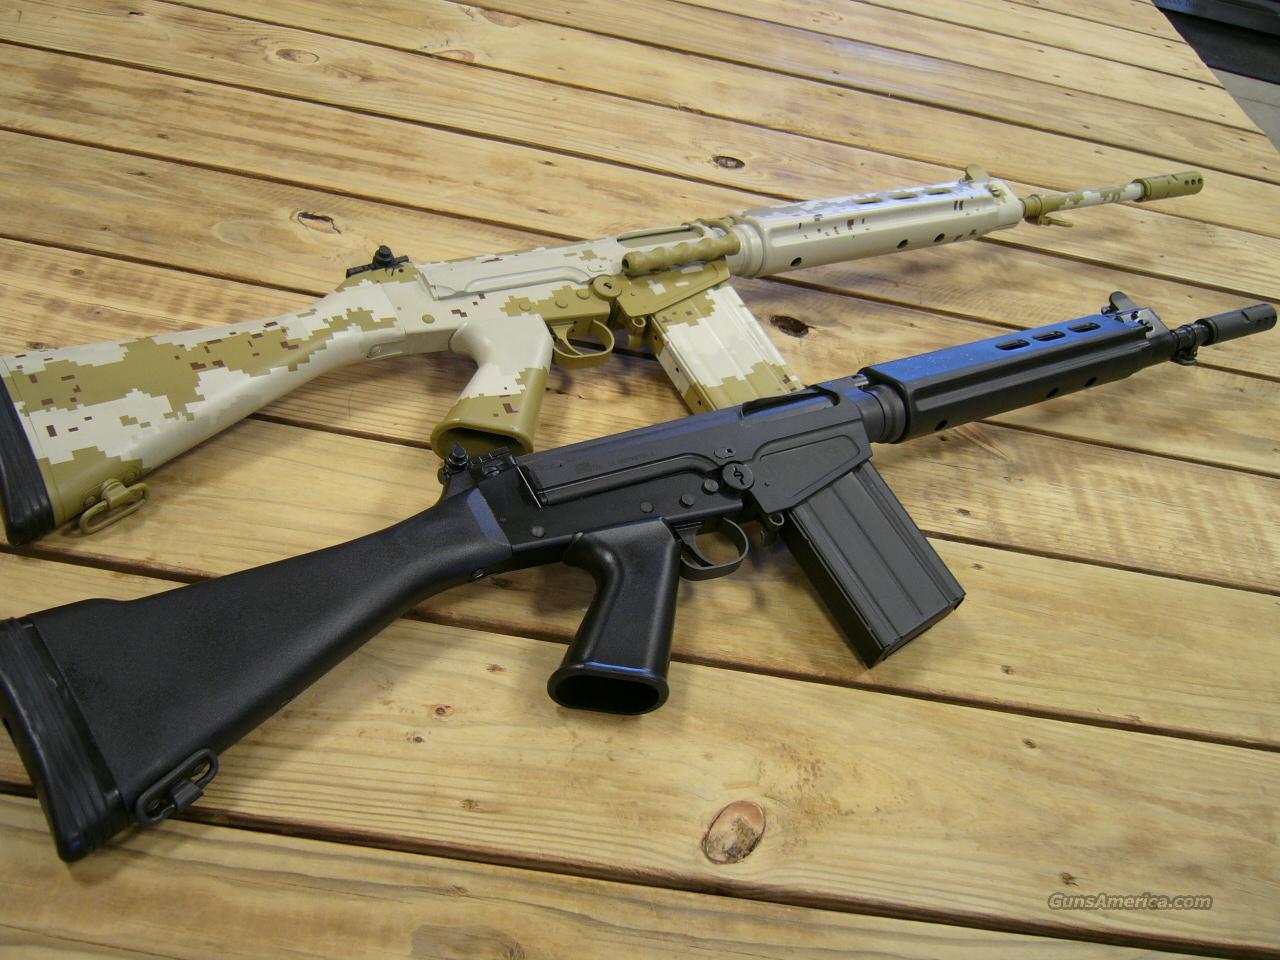 Precision Auto Sales >> DSA SA58 308 SNIPER FN FAL 7.62 SA 58 DS ARMS for sale